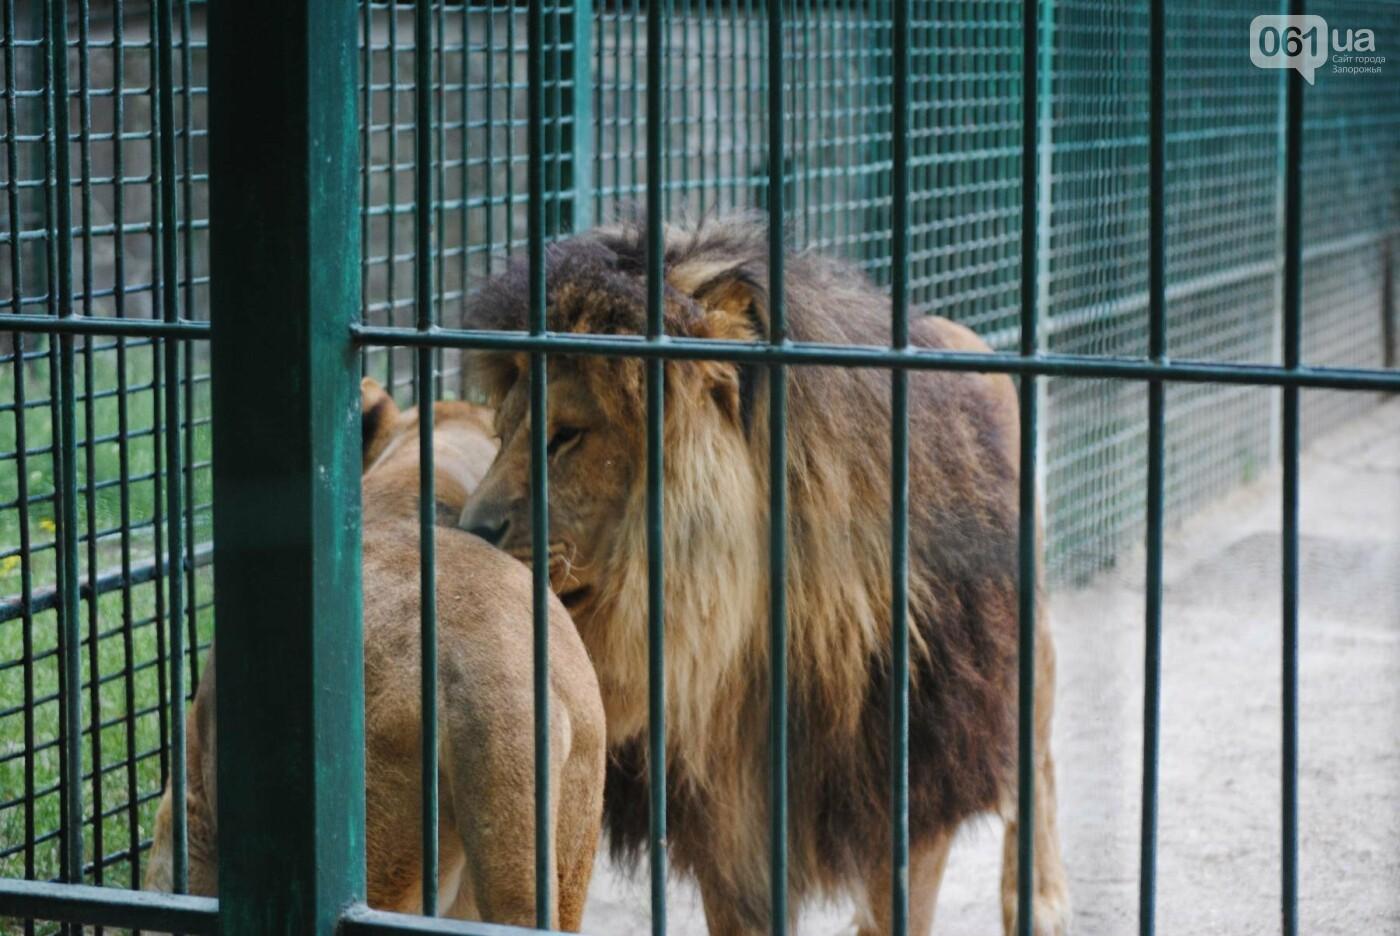 В бердянском зоопарке появились кенгуру: они любят хлеб и скоро станут ручными, - ФОТОРЕПОРТАЖ, фото-26